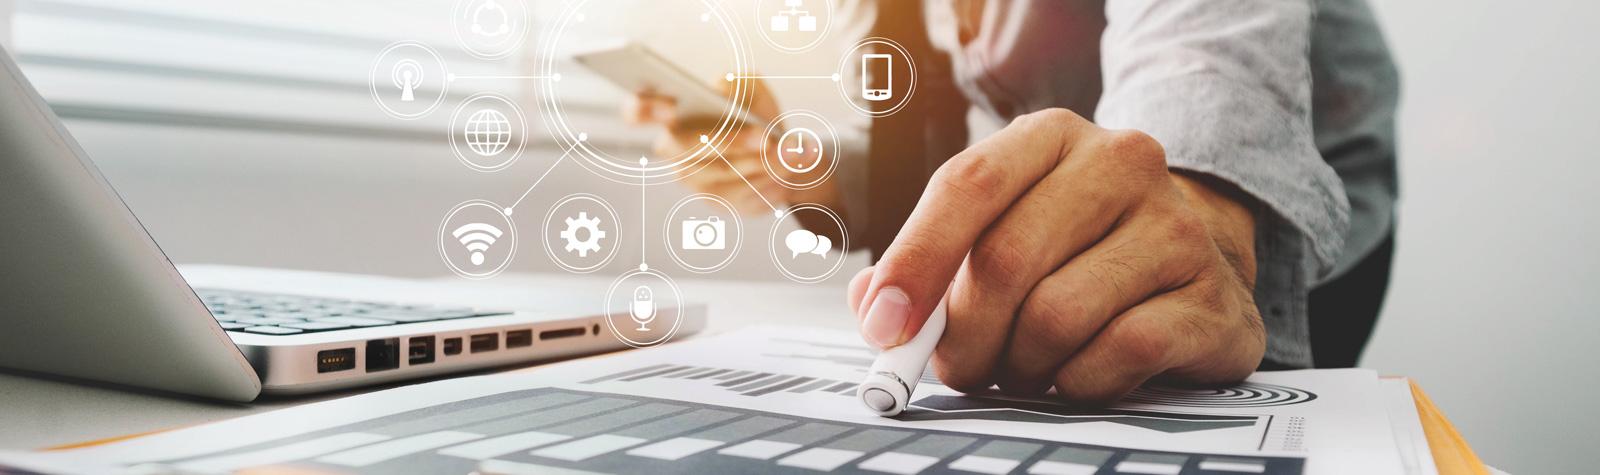 8 consigli per una comunicazione web efficace e performante